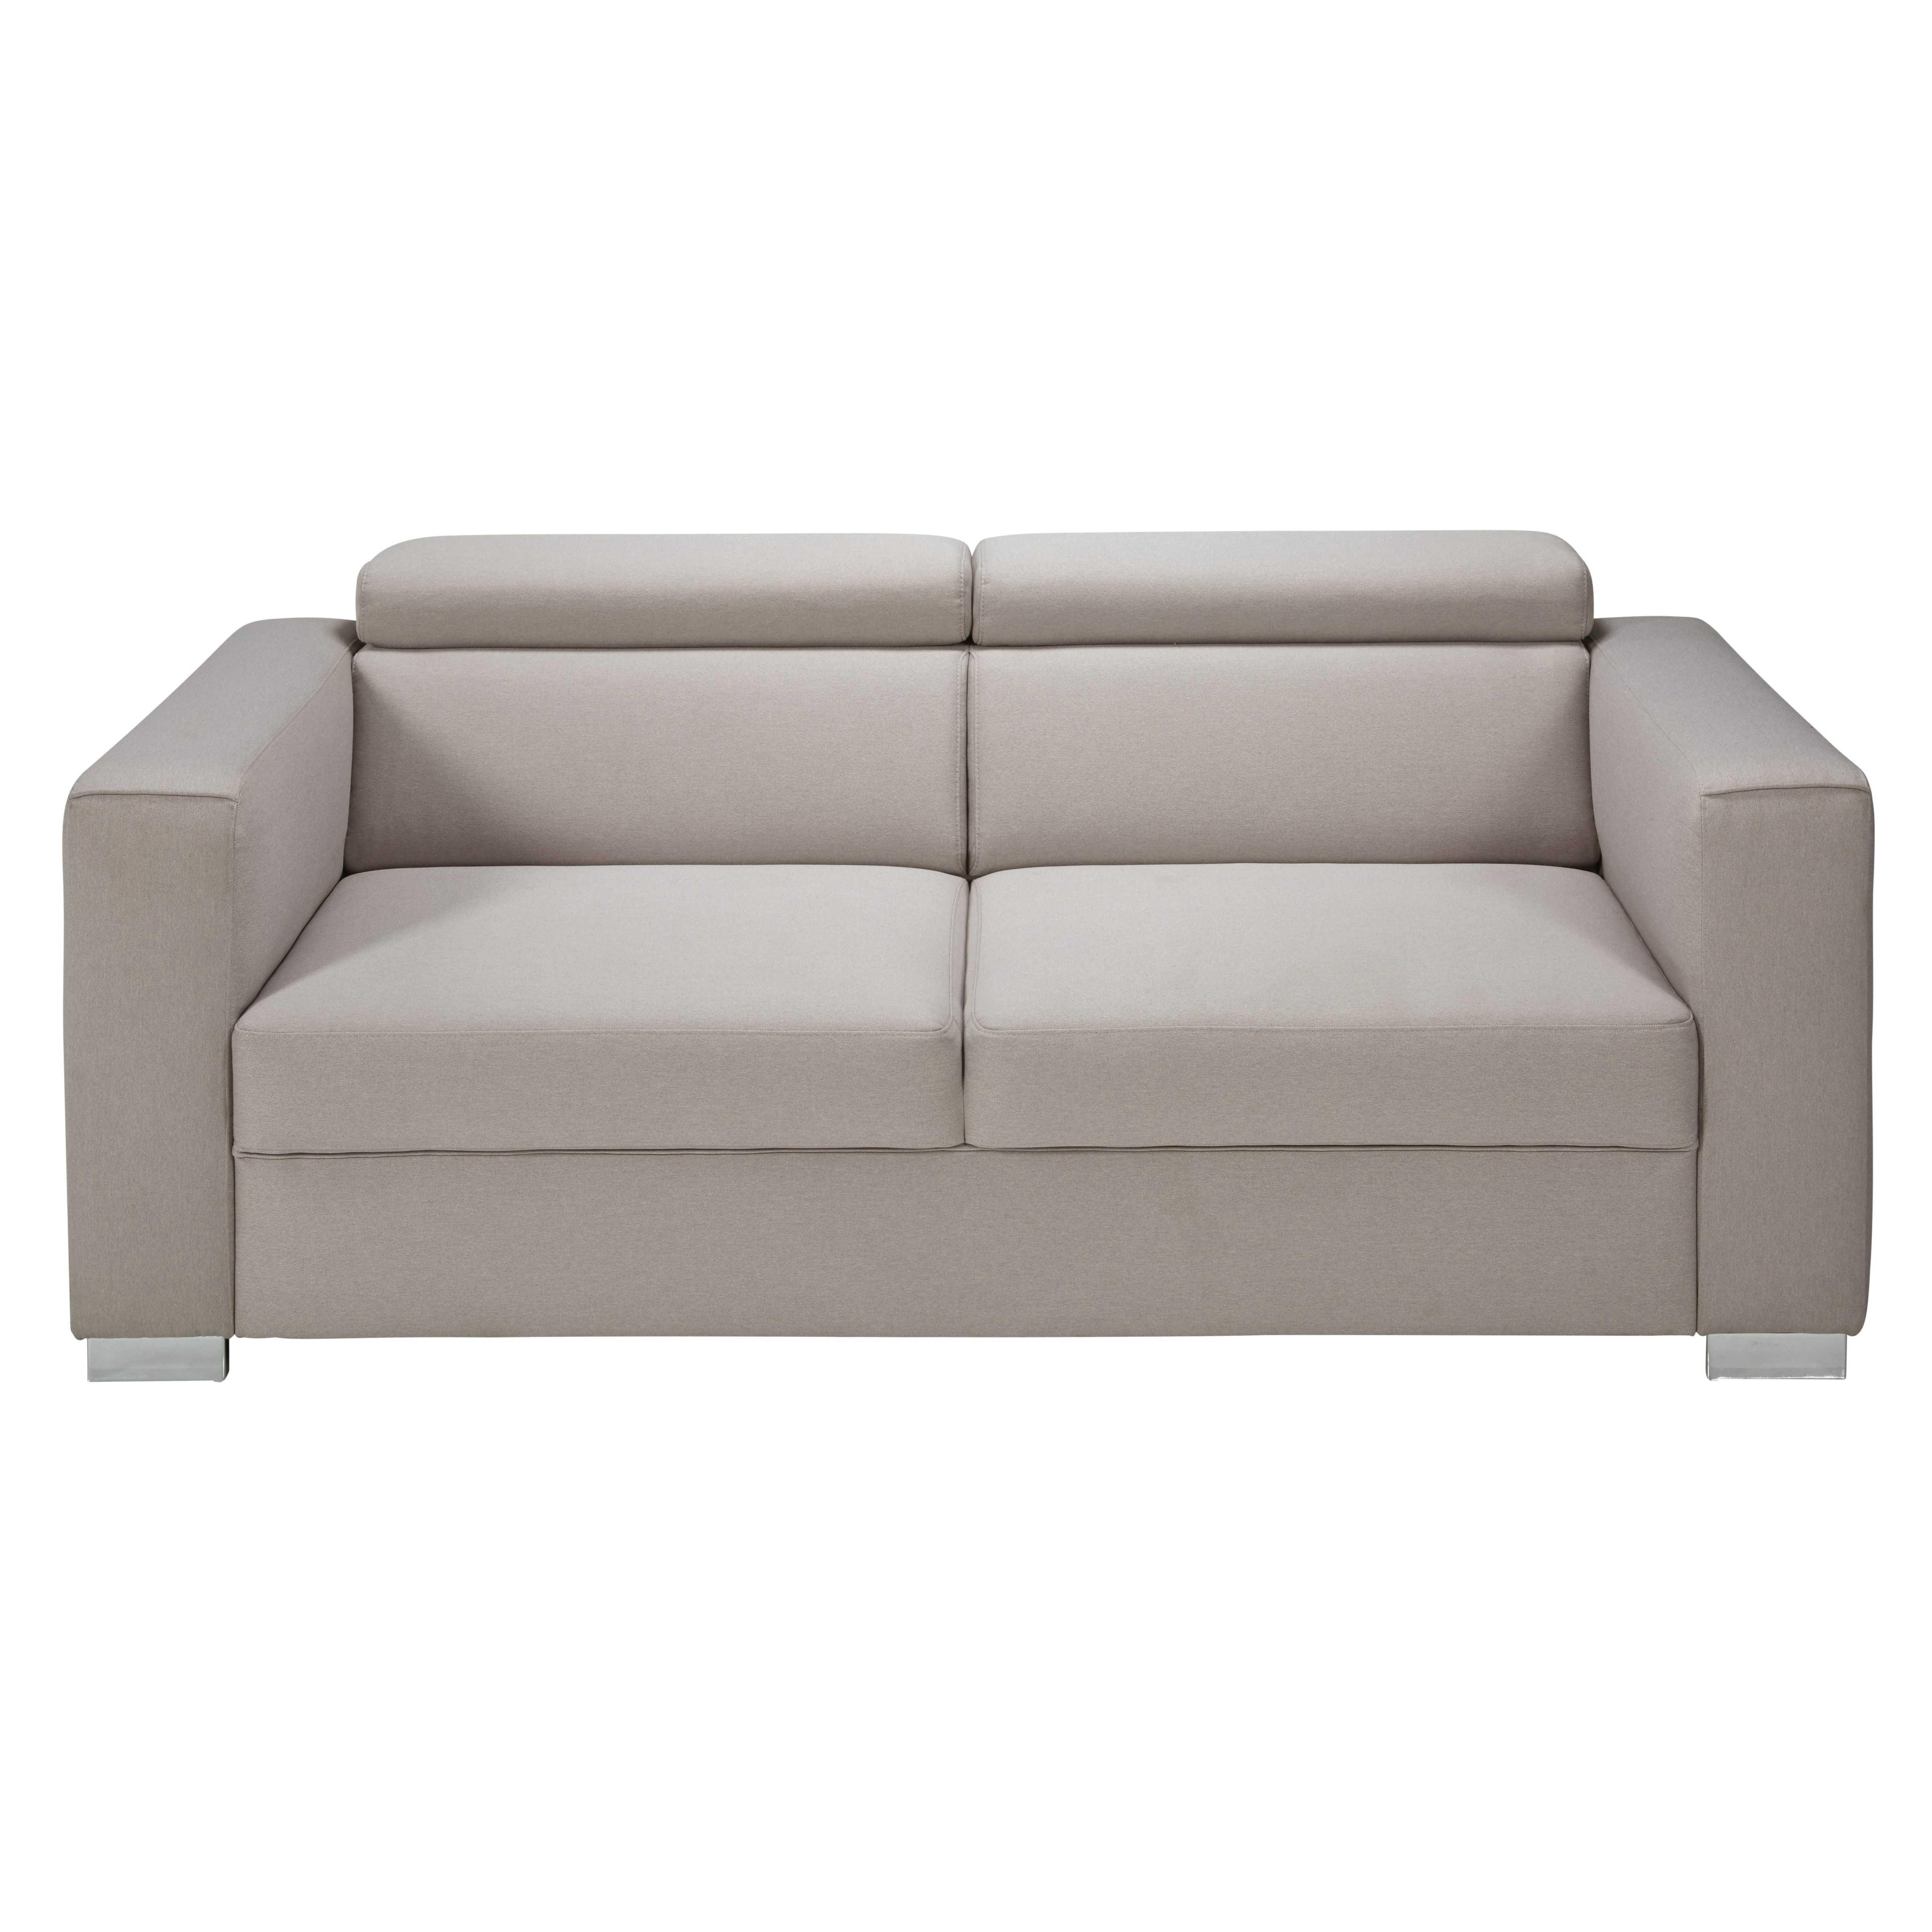 Faszinierend Sofa Mit Kopfstütze Referenz Von 3-sitzer-sofa Kopfstützen Und Graubeigem Stoffbezug Jazz